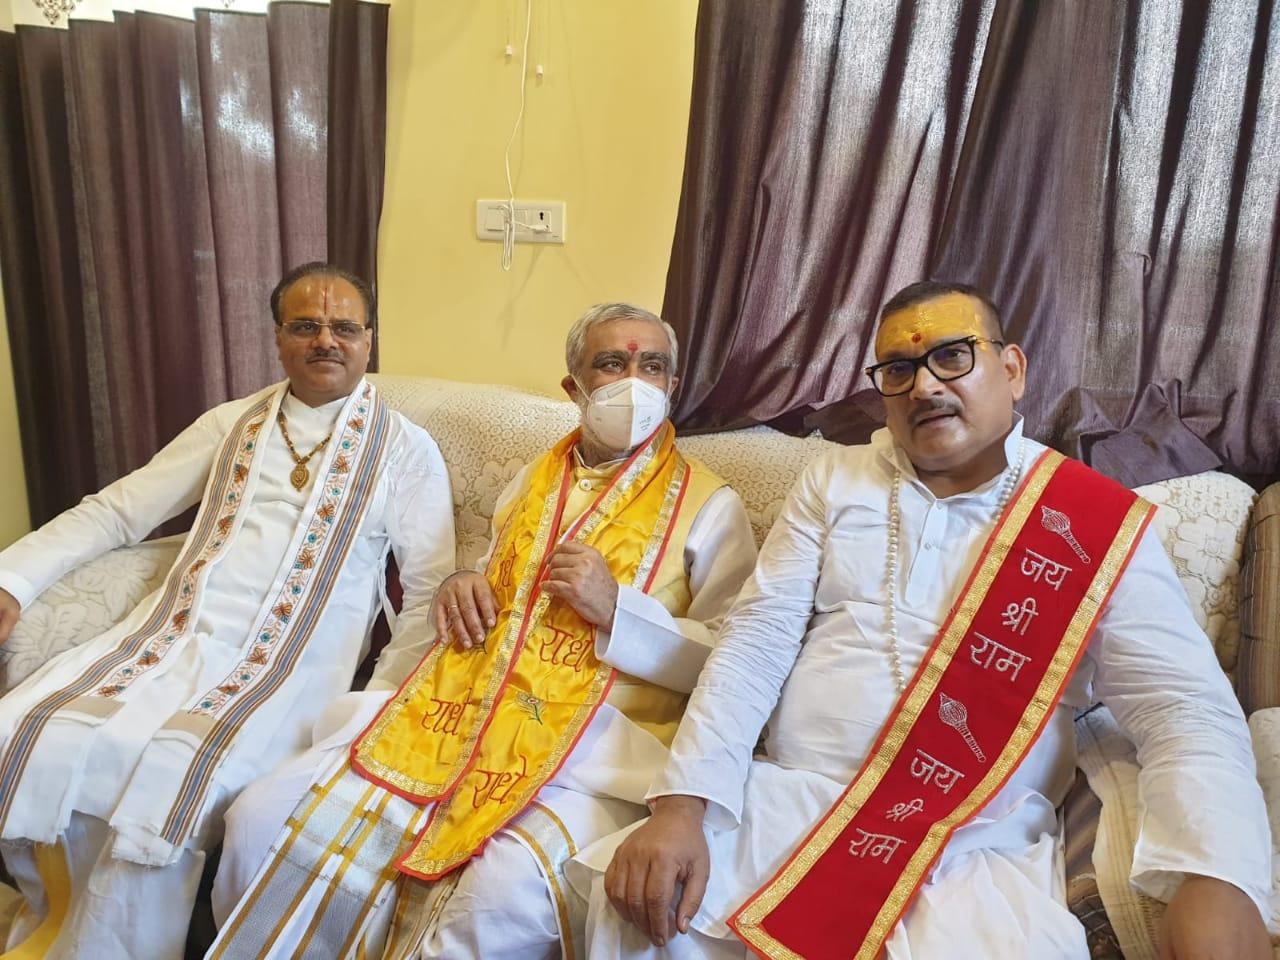 श्रीमद् भागवत कथा वाचक और पूर्व डीजीपी के साथ केंद्रीय मंत्री अश्विनी चौबे।